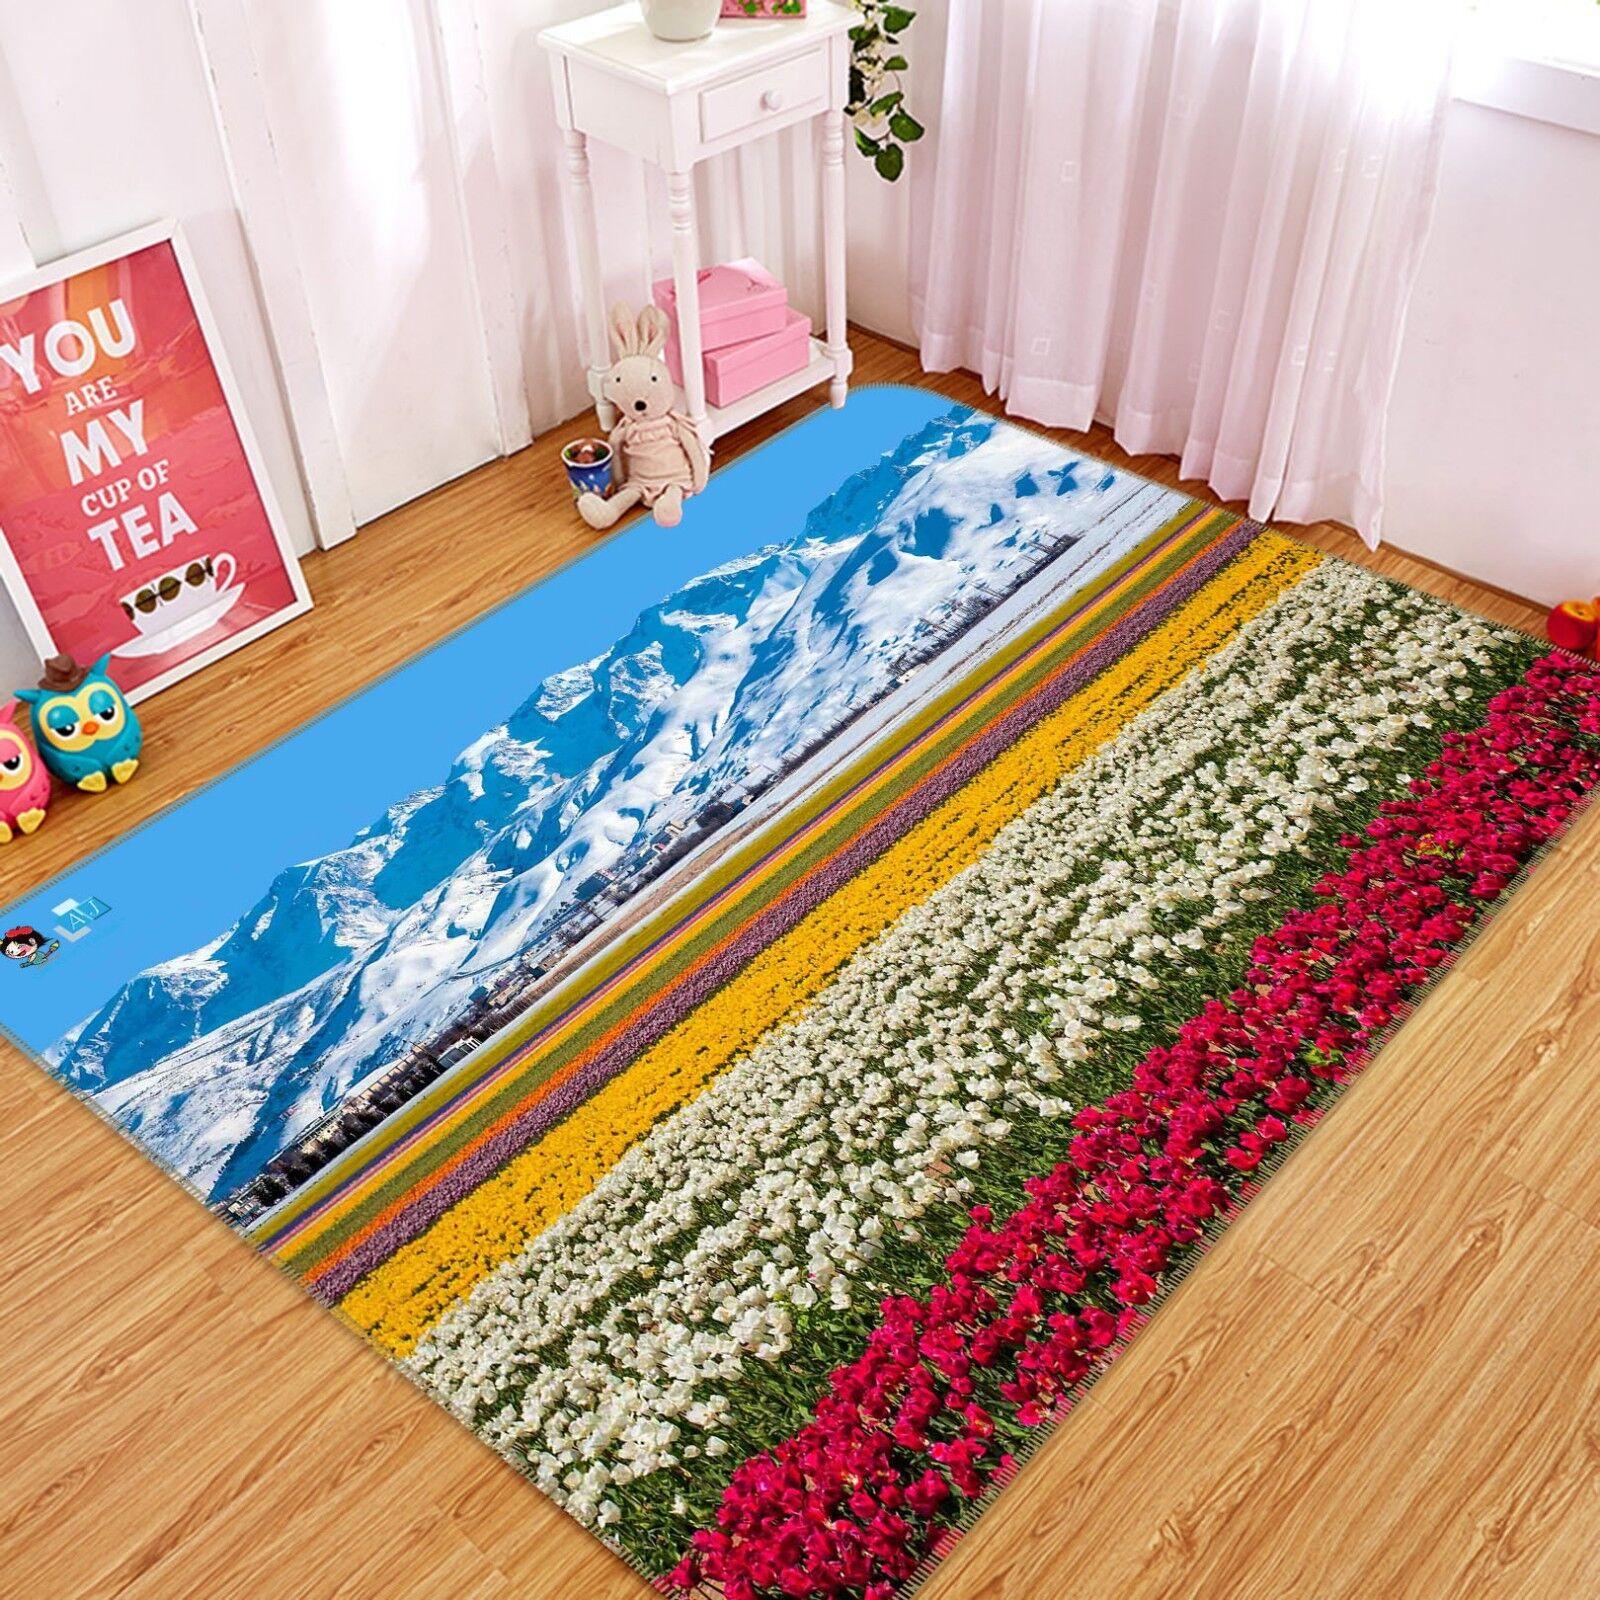 3D FIORI SKY 05 tappetino antiscivolo tappeto camera Tappetino Qualità Elegante foto Tappeto UK COBB